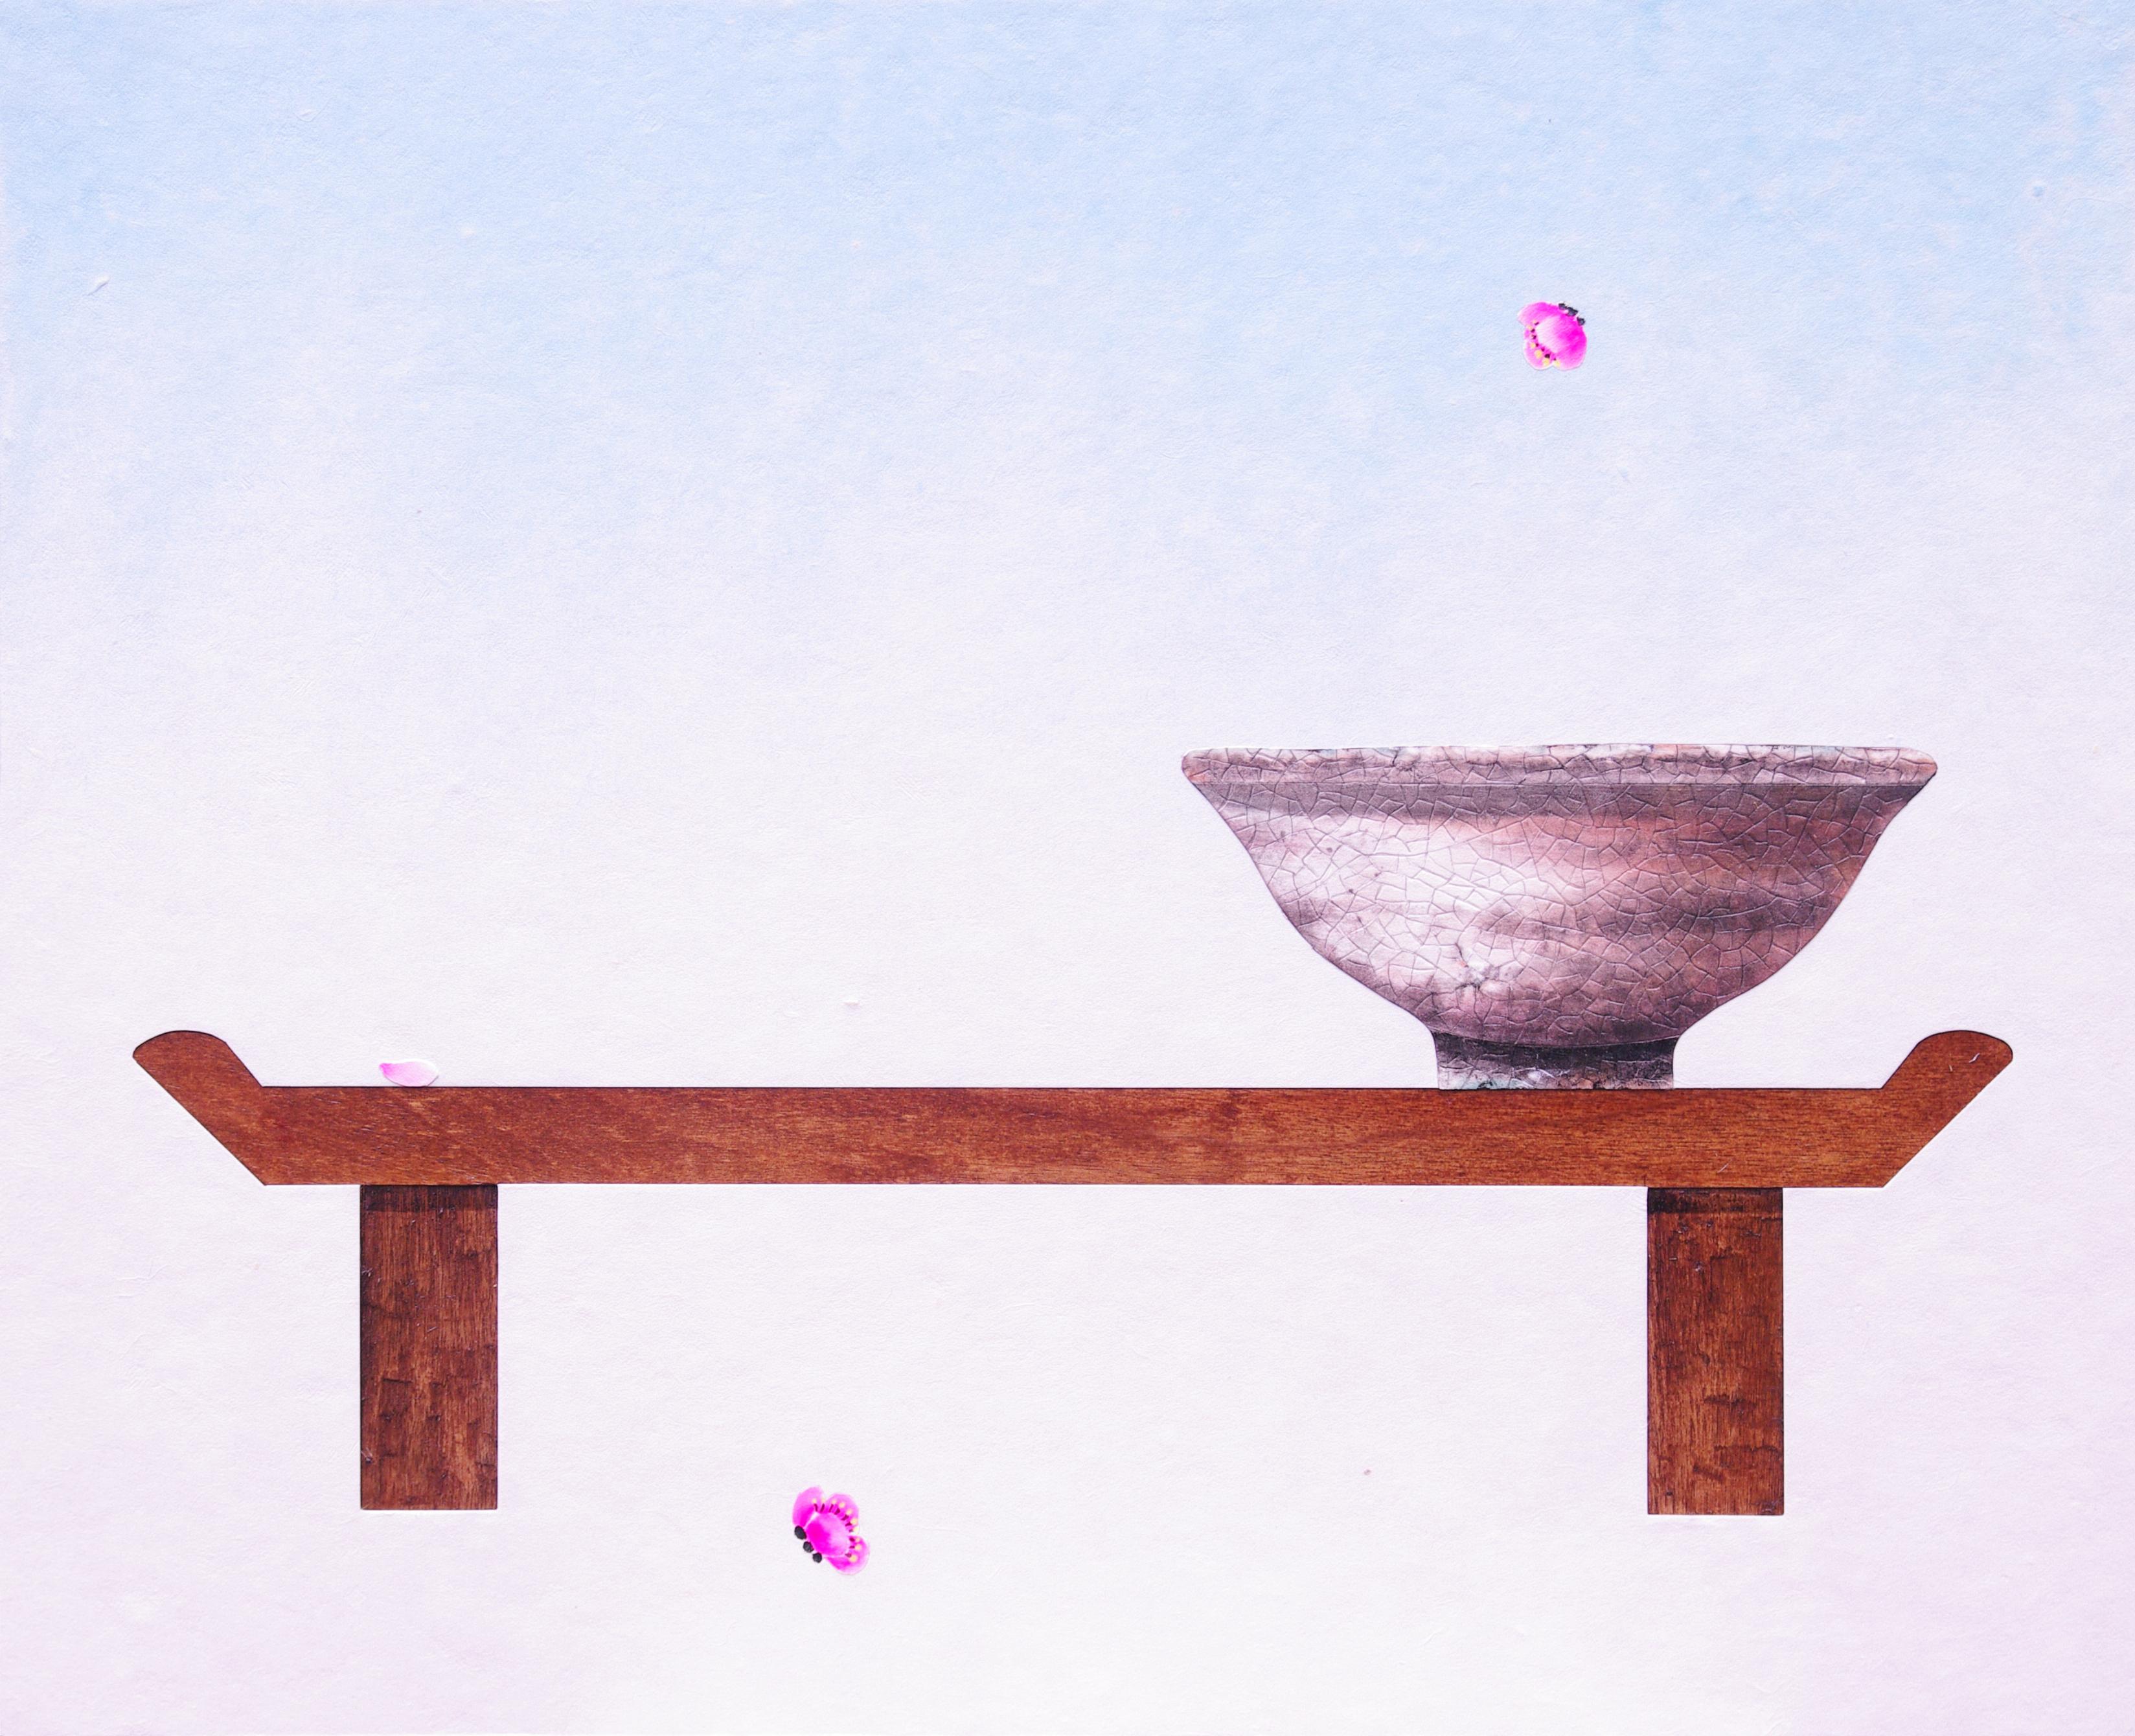 009, 비움과 채움(복을담다), 65 x 53 cm, 한지에 혼합재료,